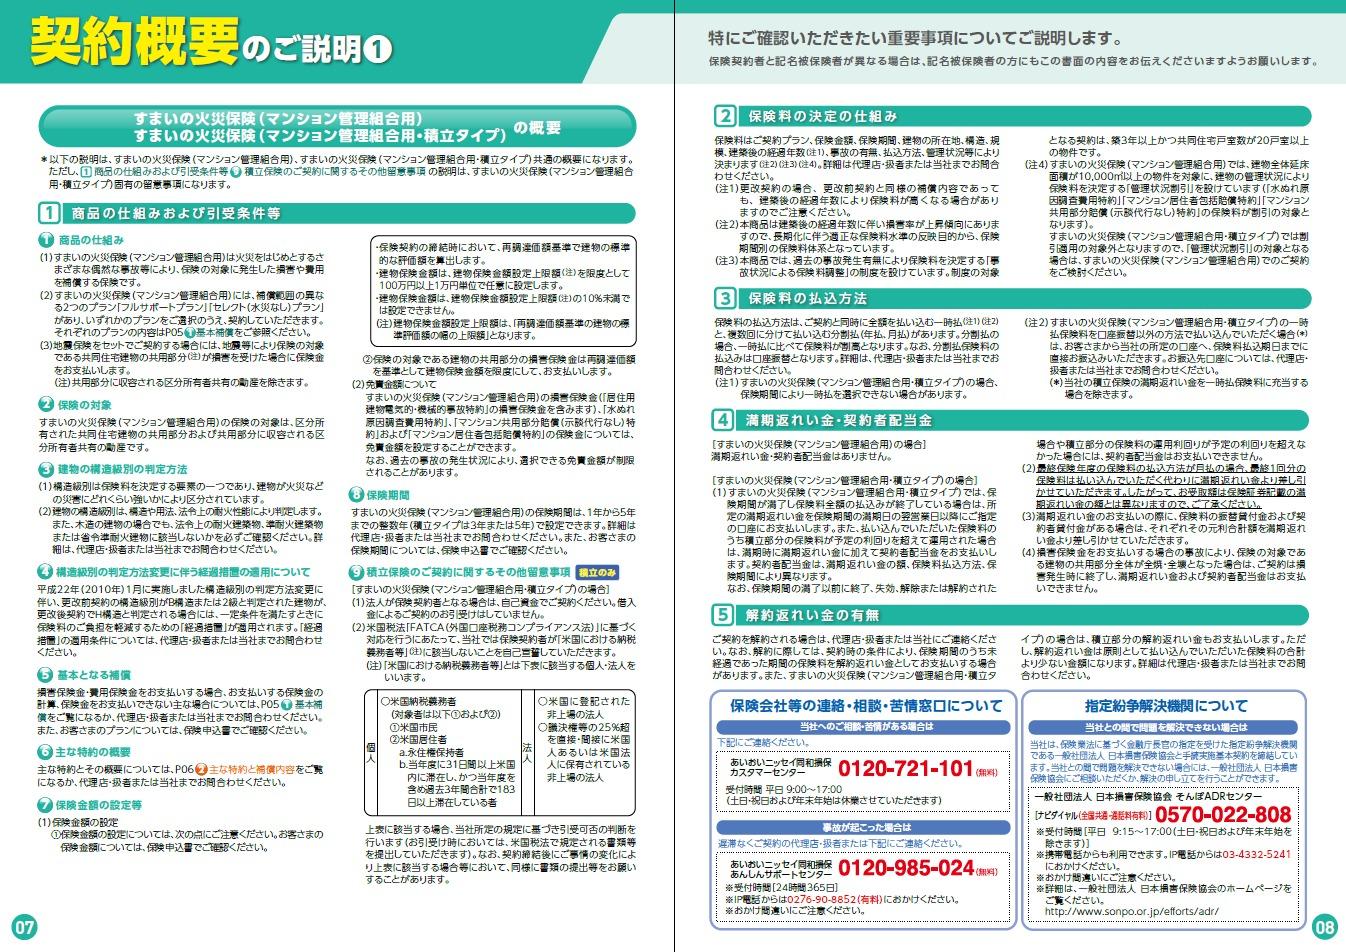 あいおいのすまいの火災保険(マンション管理組合用) 契約概要1